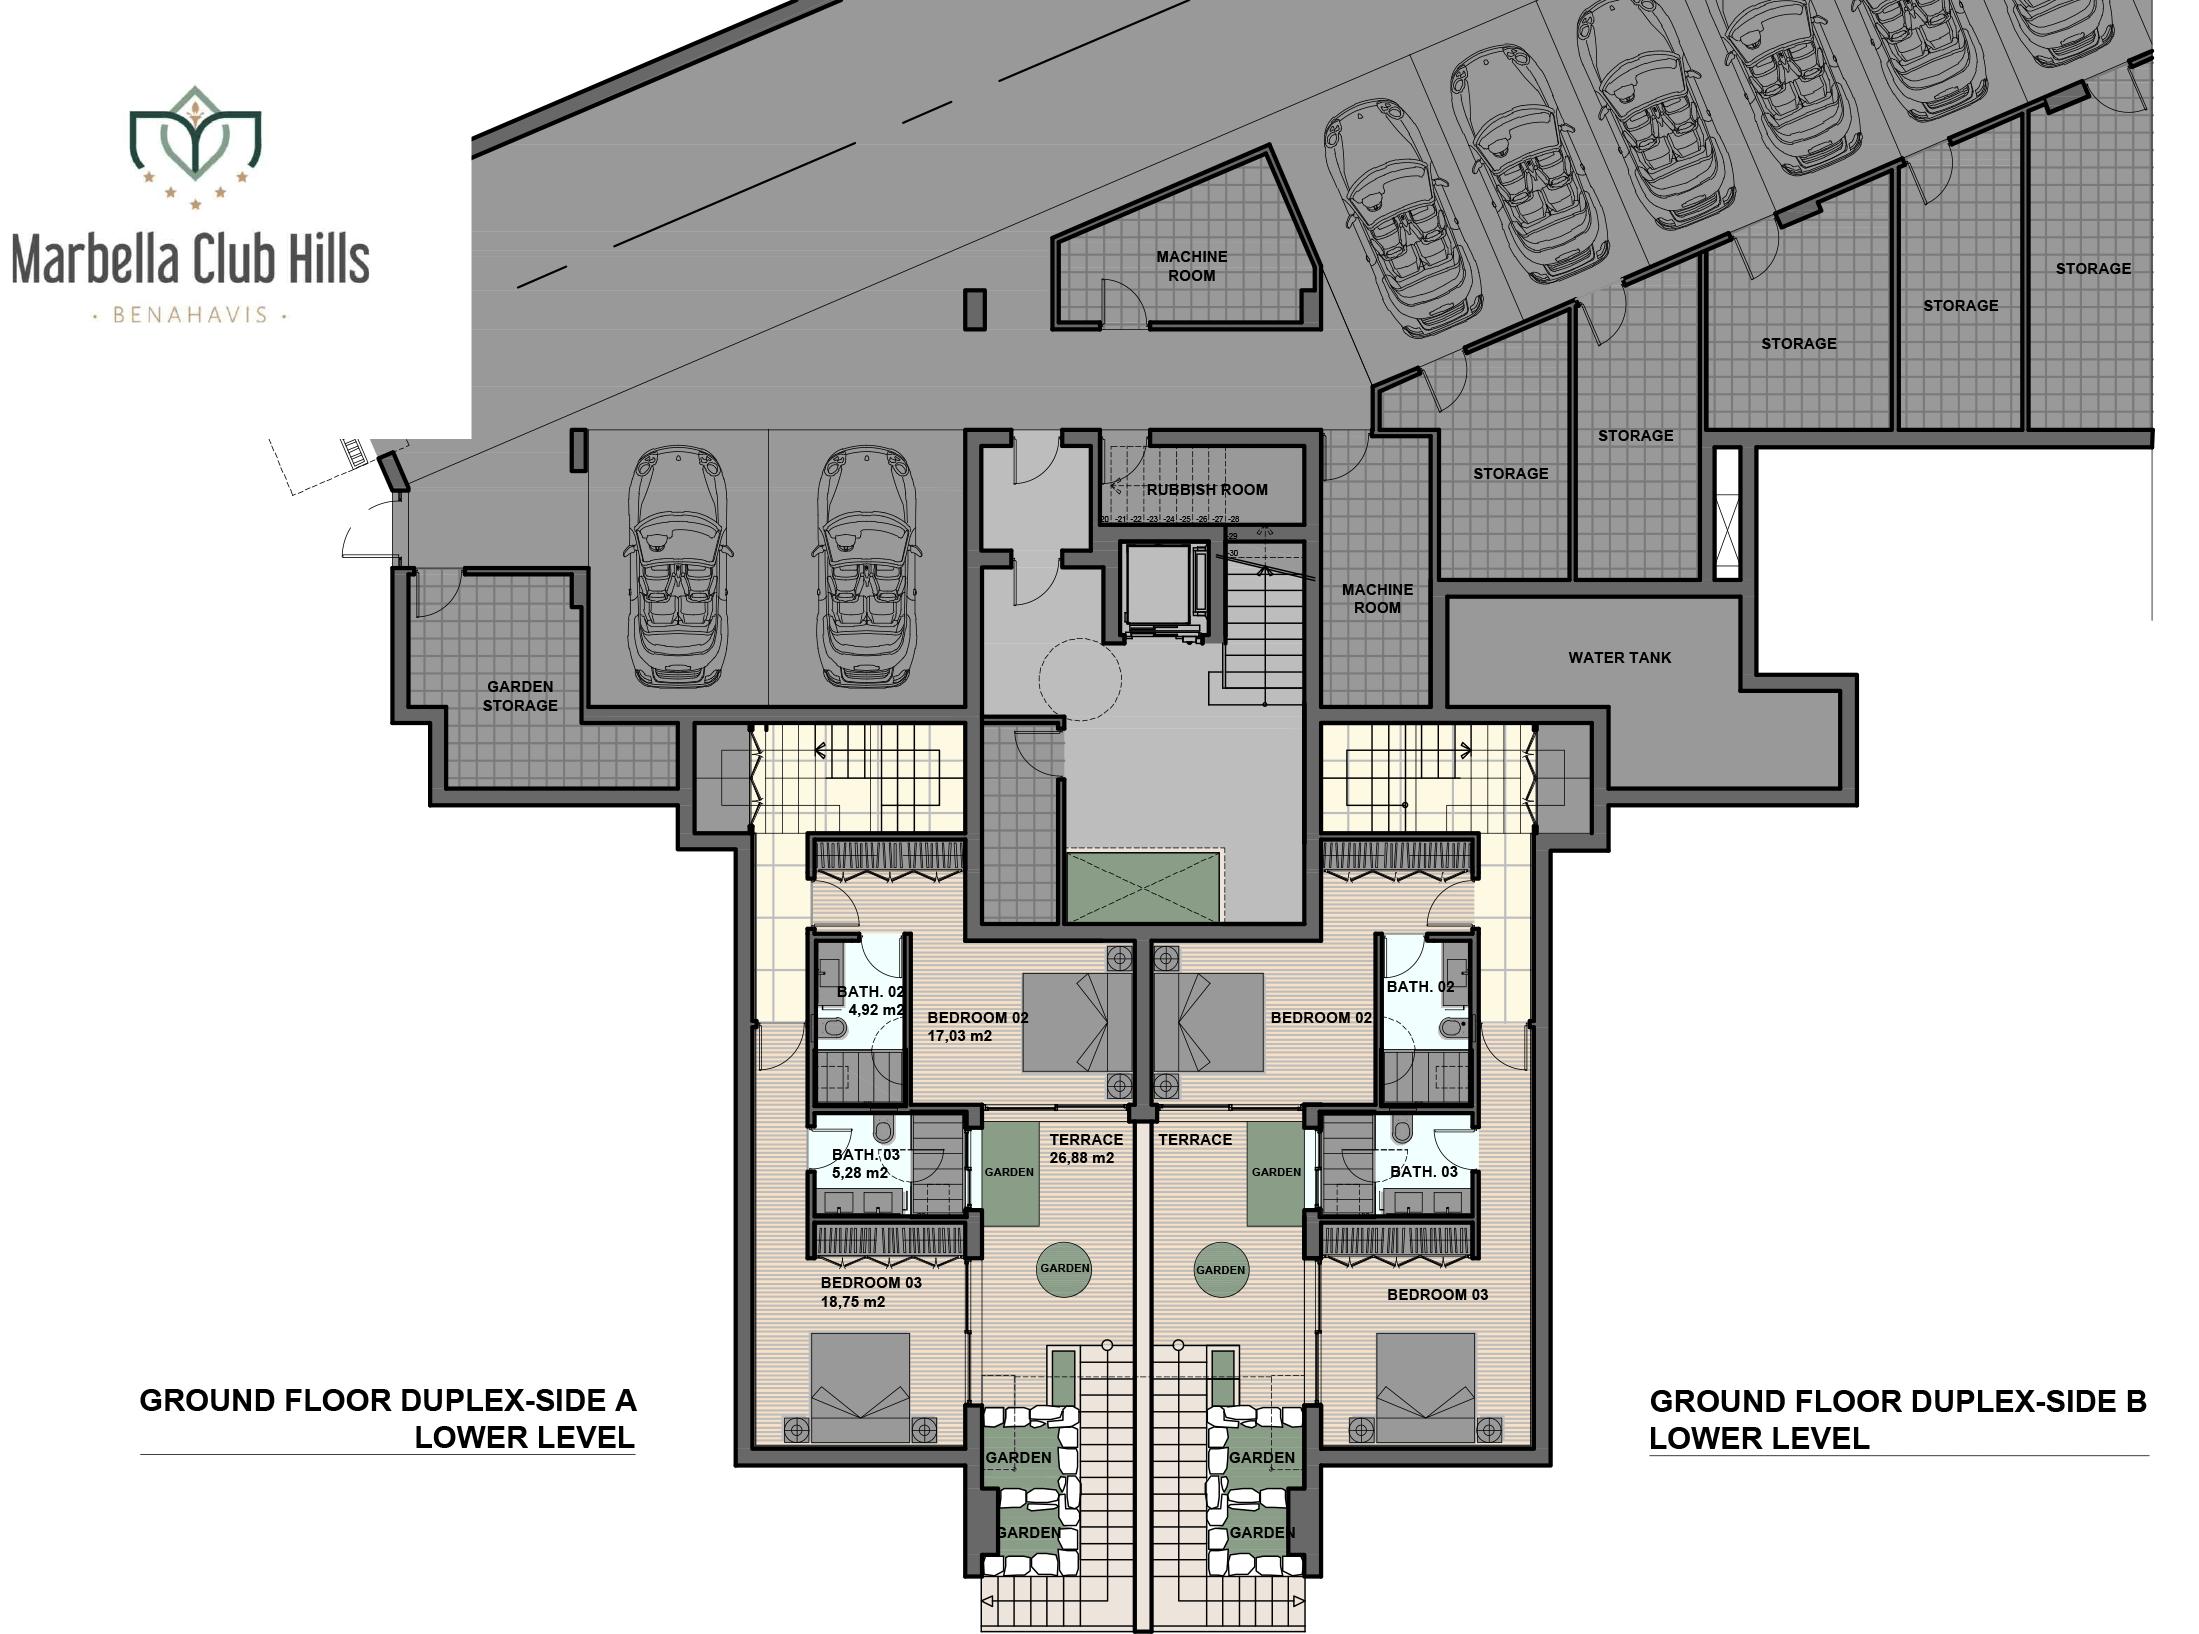 marbella club hills benahavis new golden mile appartementen penthouses te koop zeezicht gelijkvloers